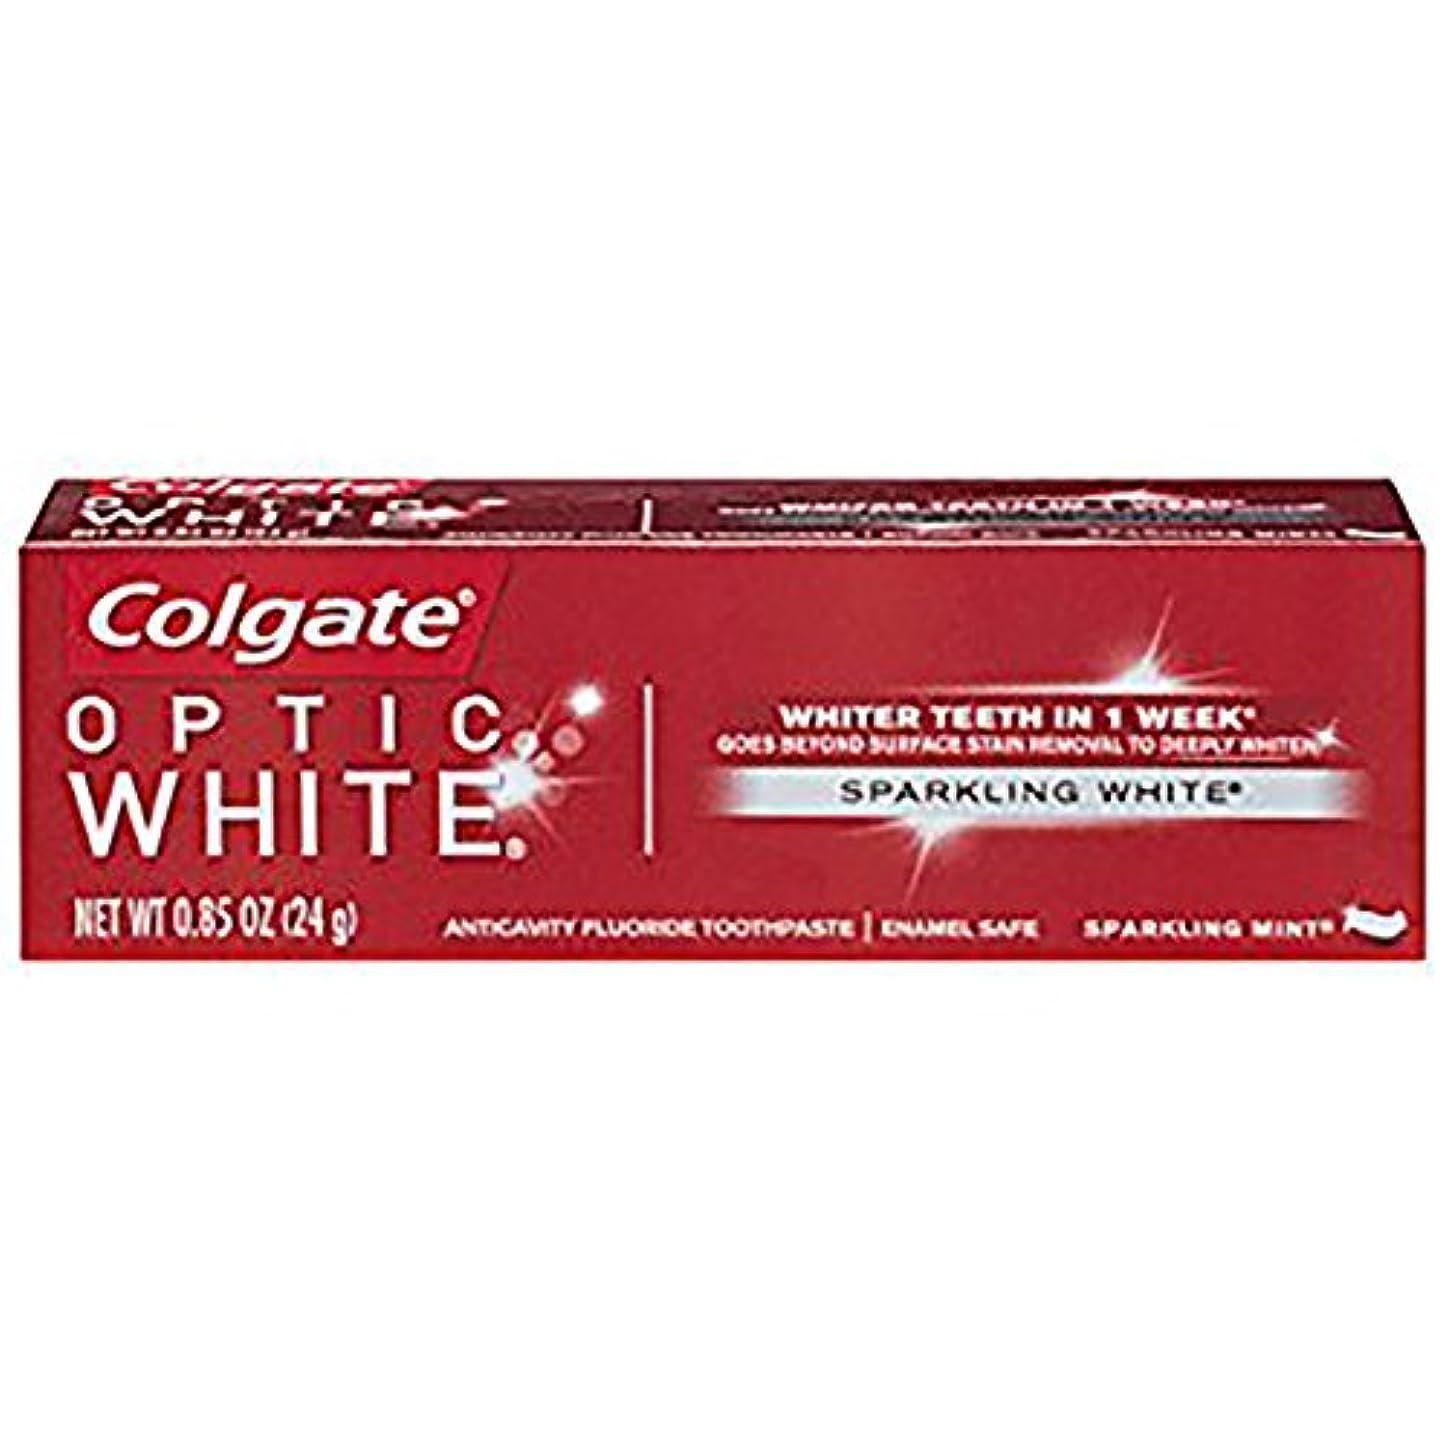 小麦粉子豚ひどいコルゲート ホワイトニング Colgate 24g Optic White Sparkling White 白い歯 歯磨き粉 ミント